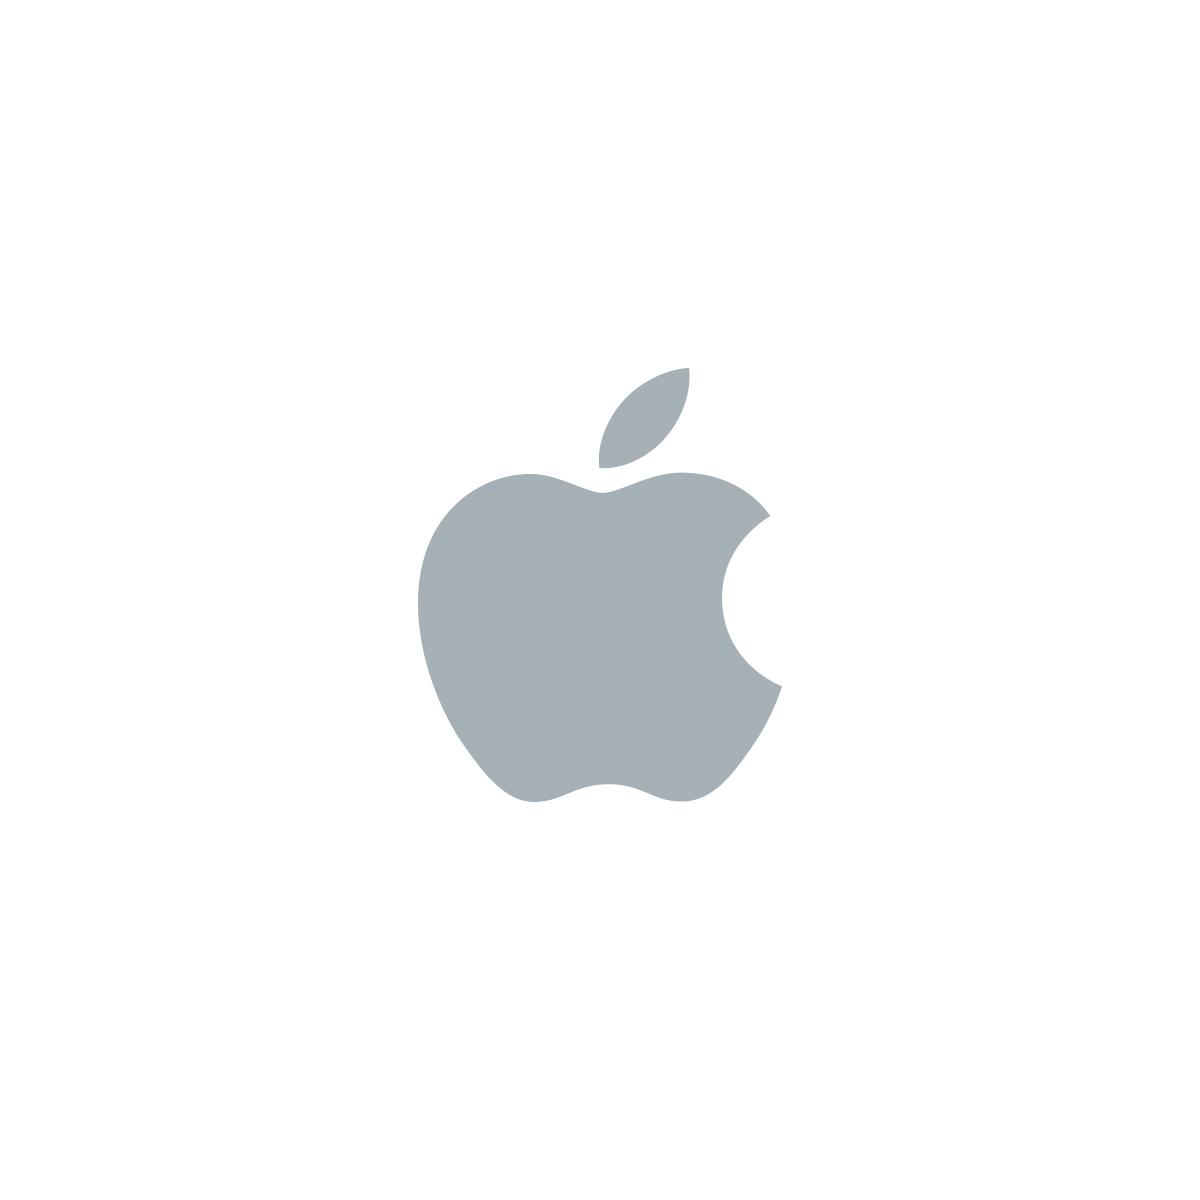 Как создать логотип? - ВКУС БИЗНЕСА: tasteofbusiness.com/kak_sozdat_logotip.html